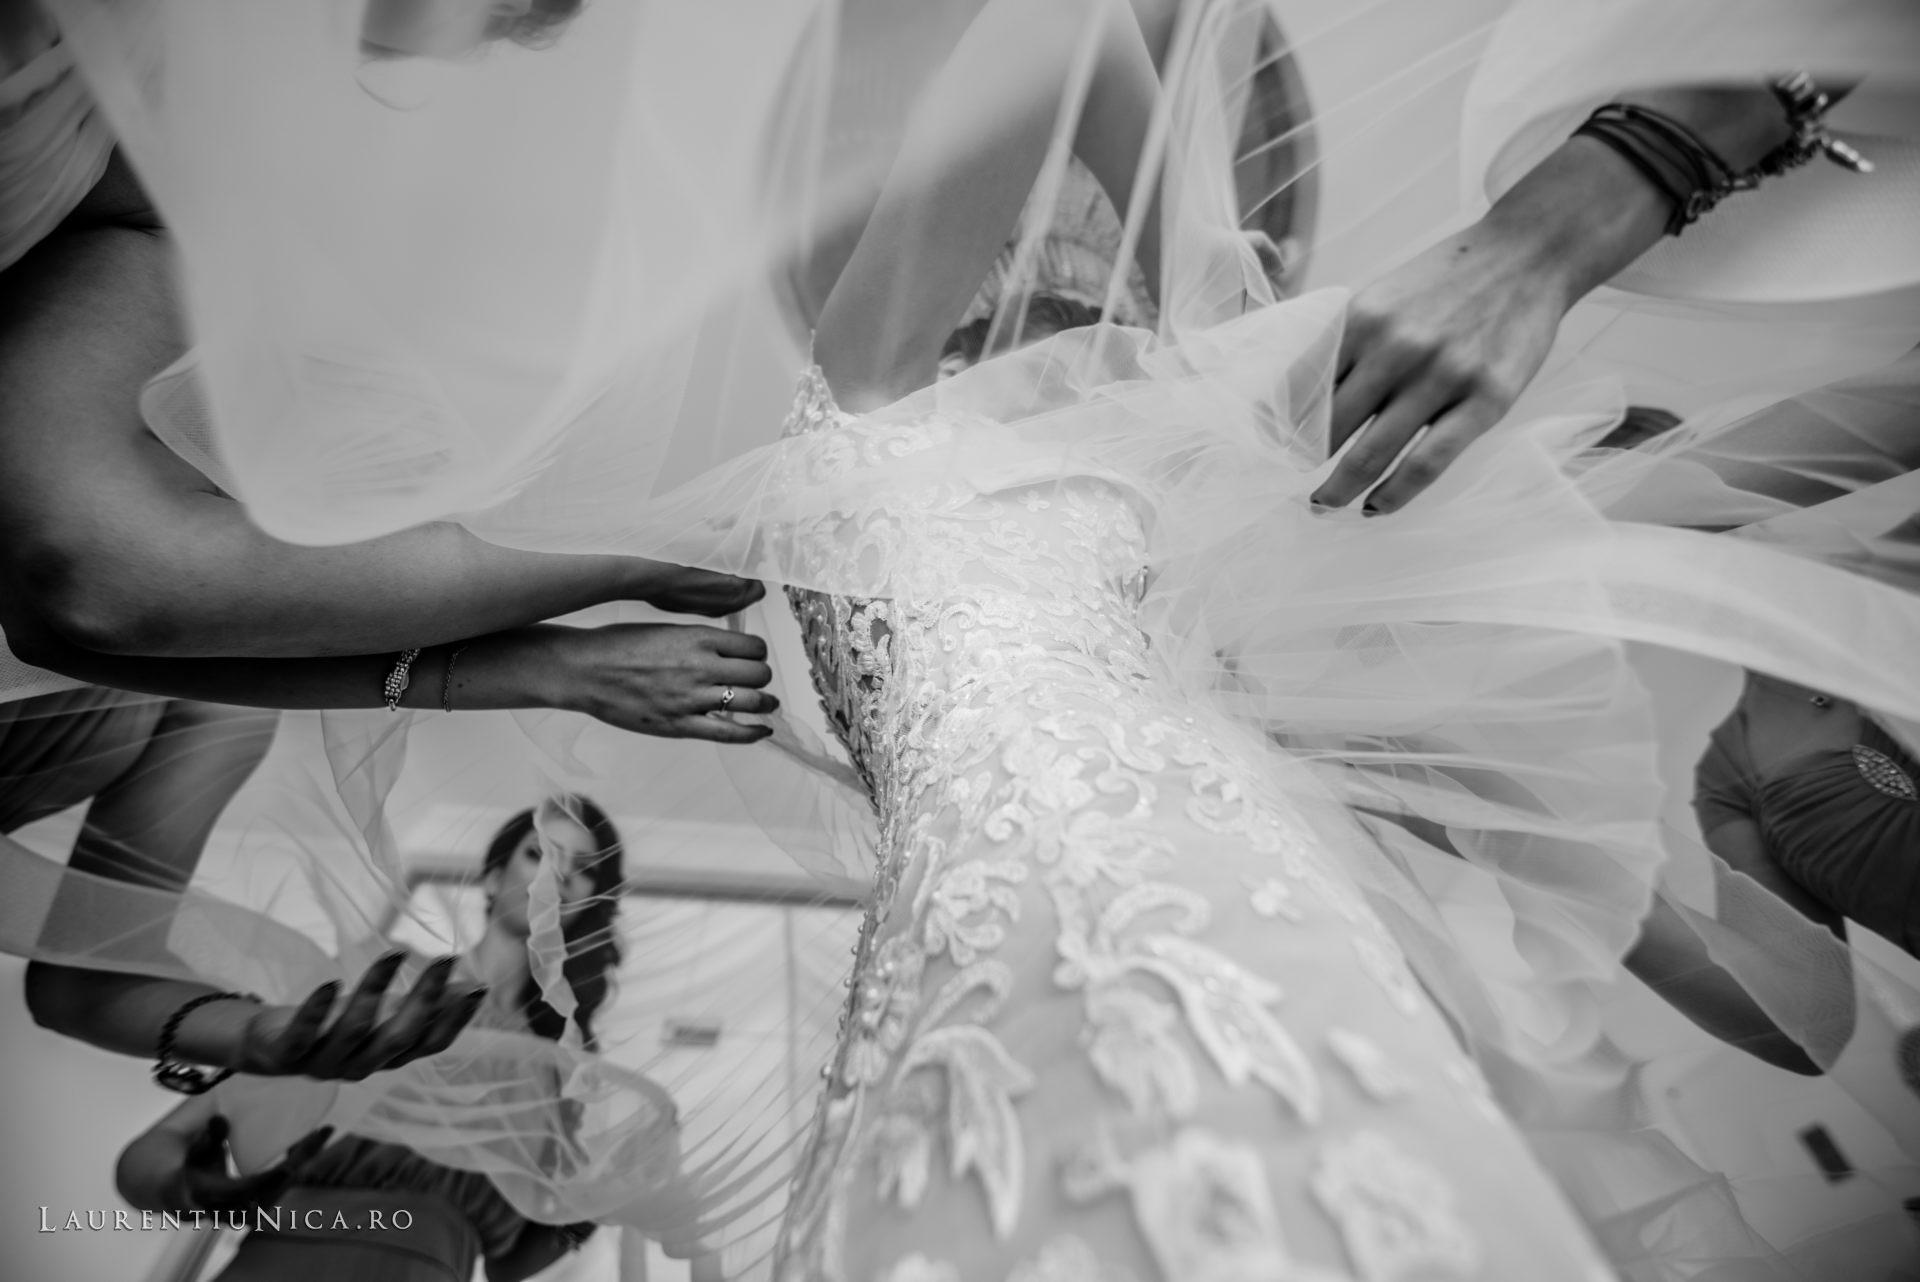 denisa si catalin fotograf nunta laurentiu nica craiova 19 - Denisa si Catalin | Fotografii nunta | Craiova